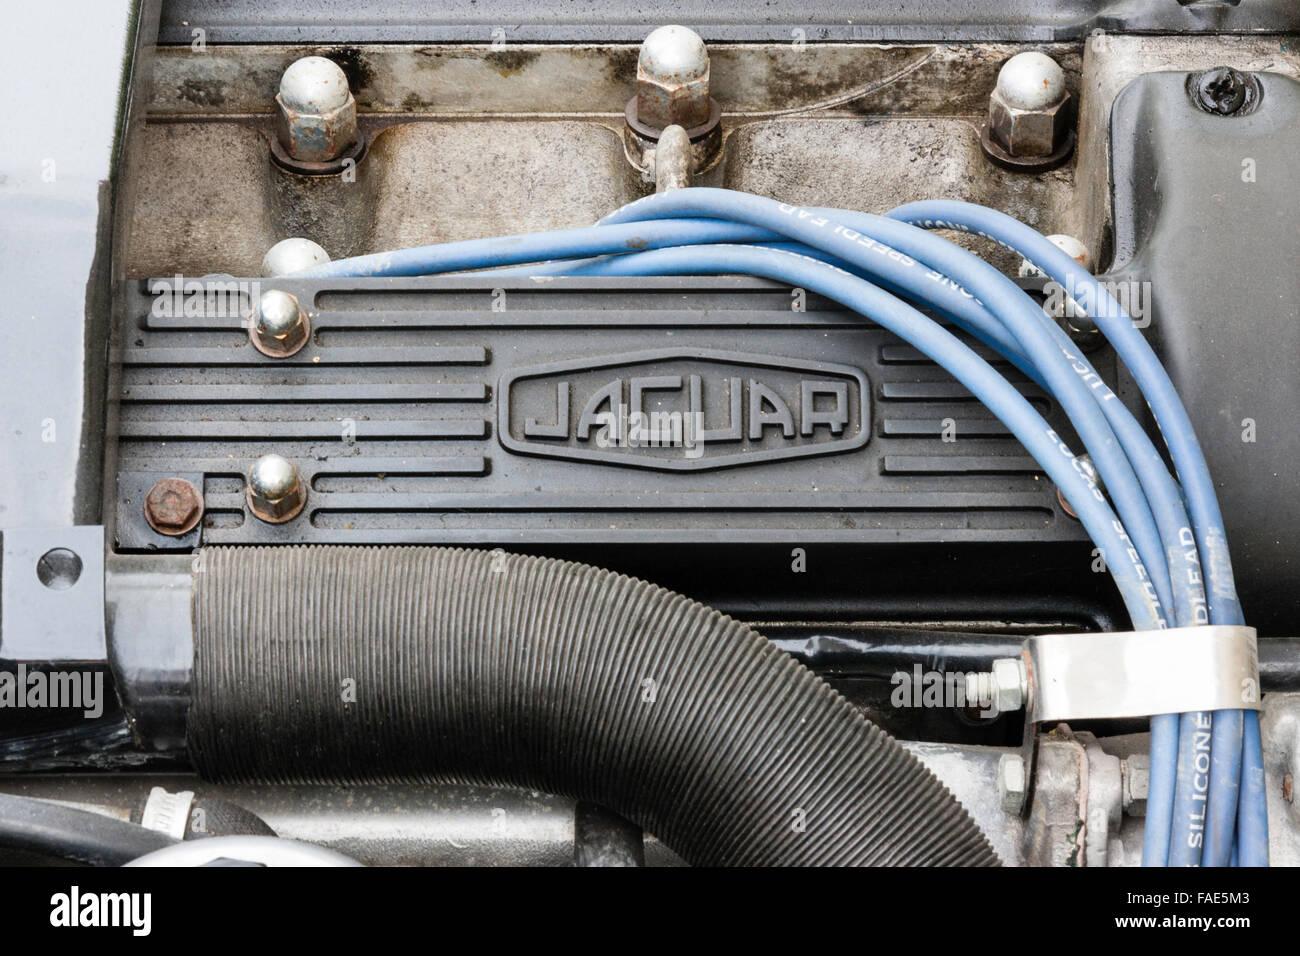 England Britische Oldtimer Jaguar Xj 42 C Motor Unter Der Xjs Engine Wiring Motorhaube Mit Markennamen Und Blaue Kabel